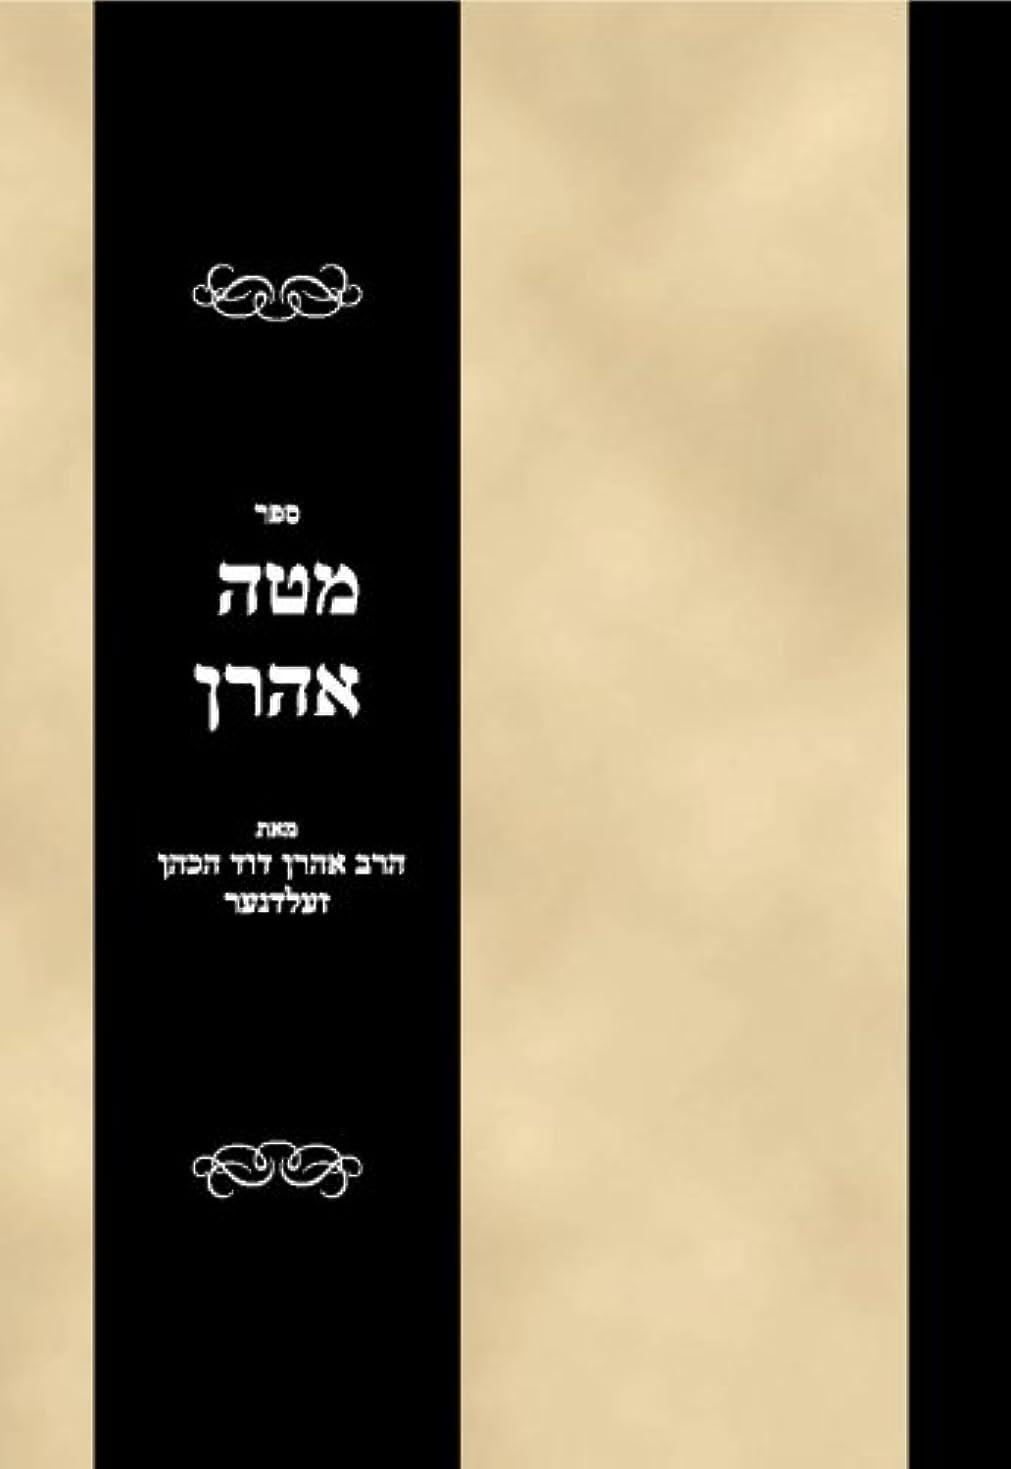 図なめる研究Sefer Mateh Aharon